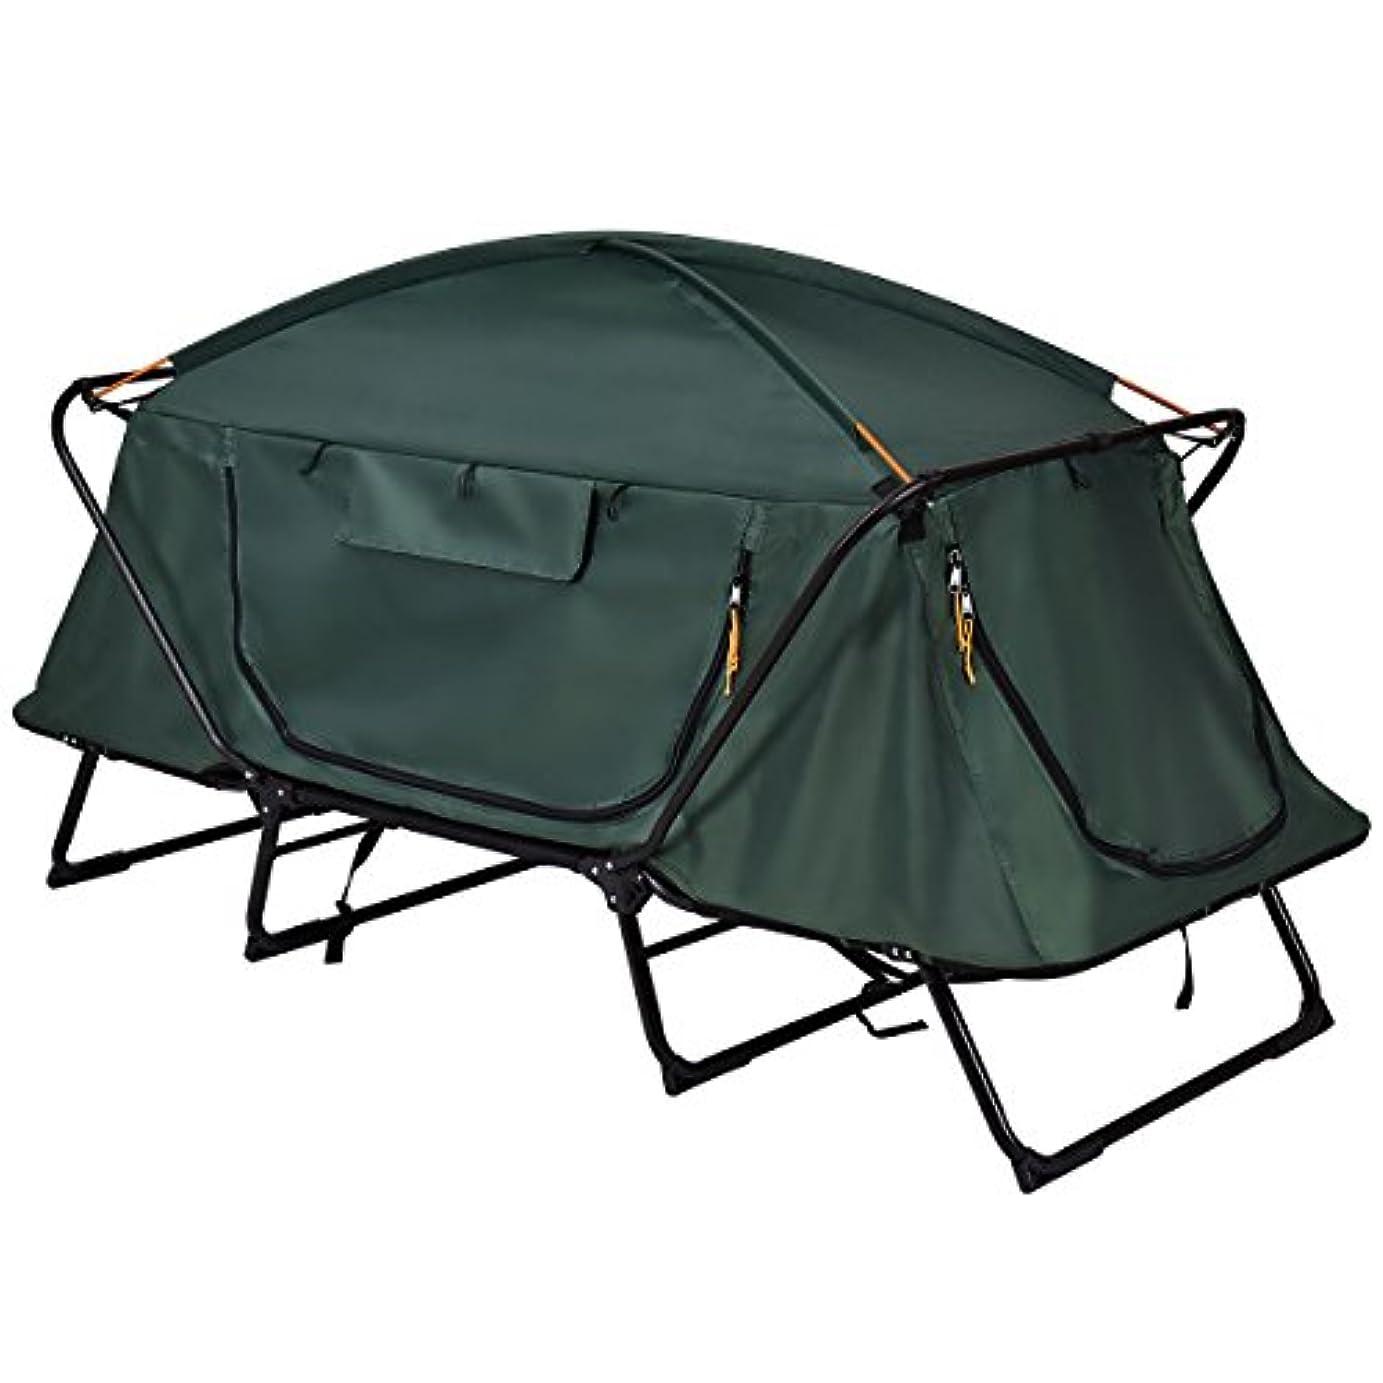 海藻才能スタッフHeavens Tvcz キャンプ用コット テント 寝る 特大 折りたたみ式 ベッド 折りたたみ式 1人用 高所 防水 キャリーバッグ付き ハイキング アウトドア